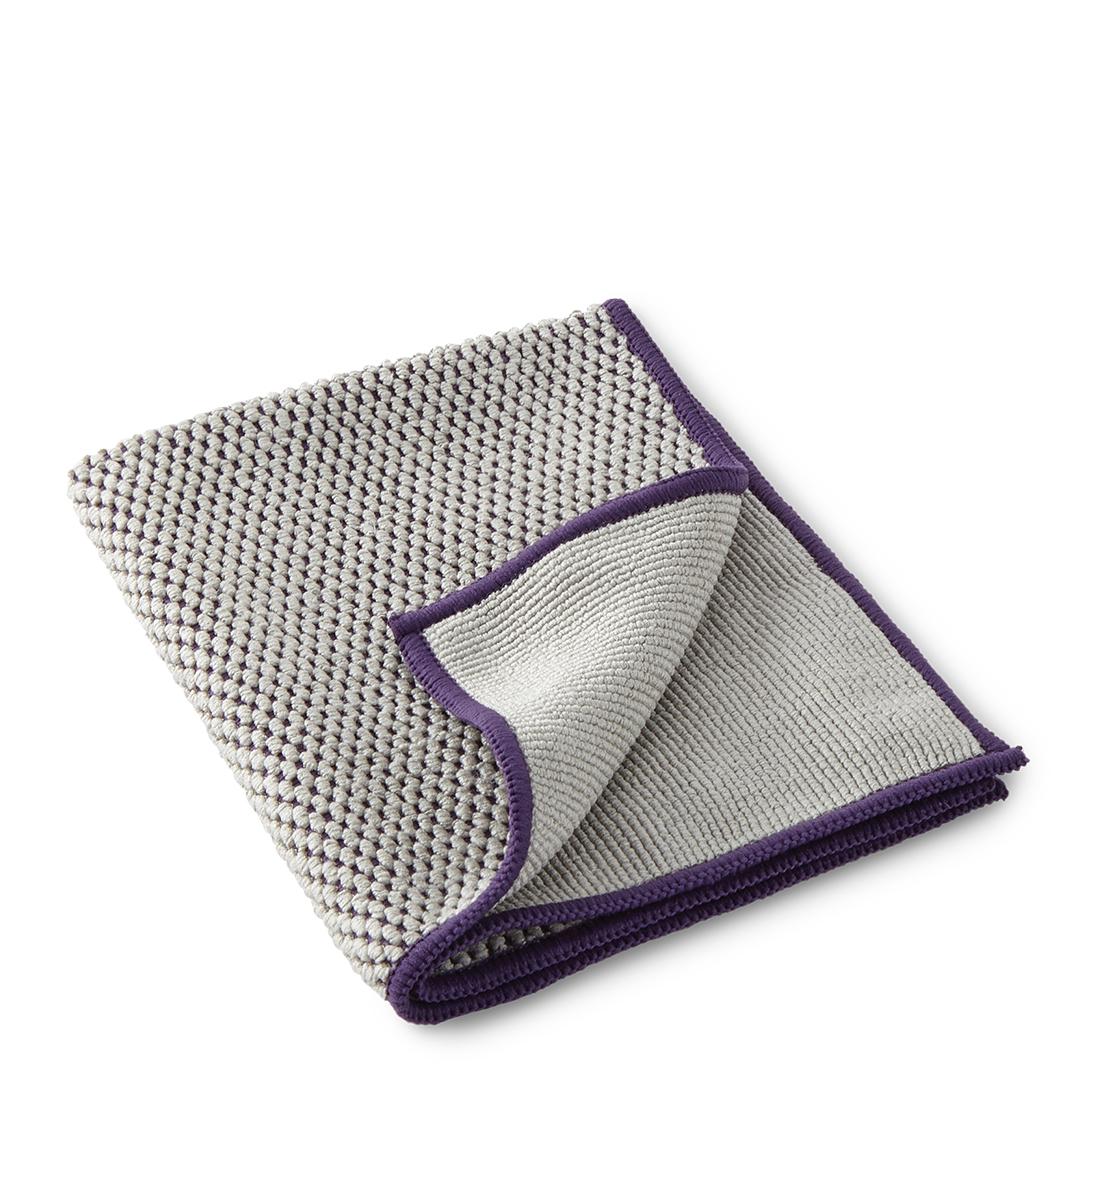 Limited Edition Textured Kitchen Cloth, graphite/purple